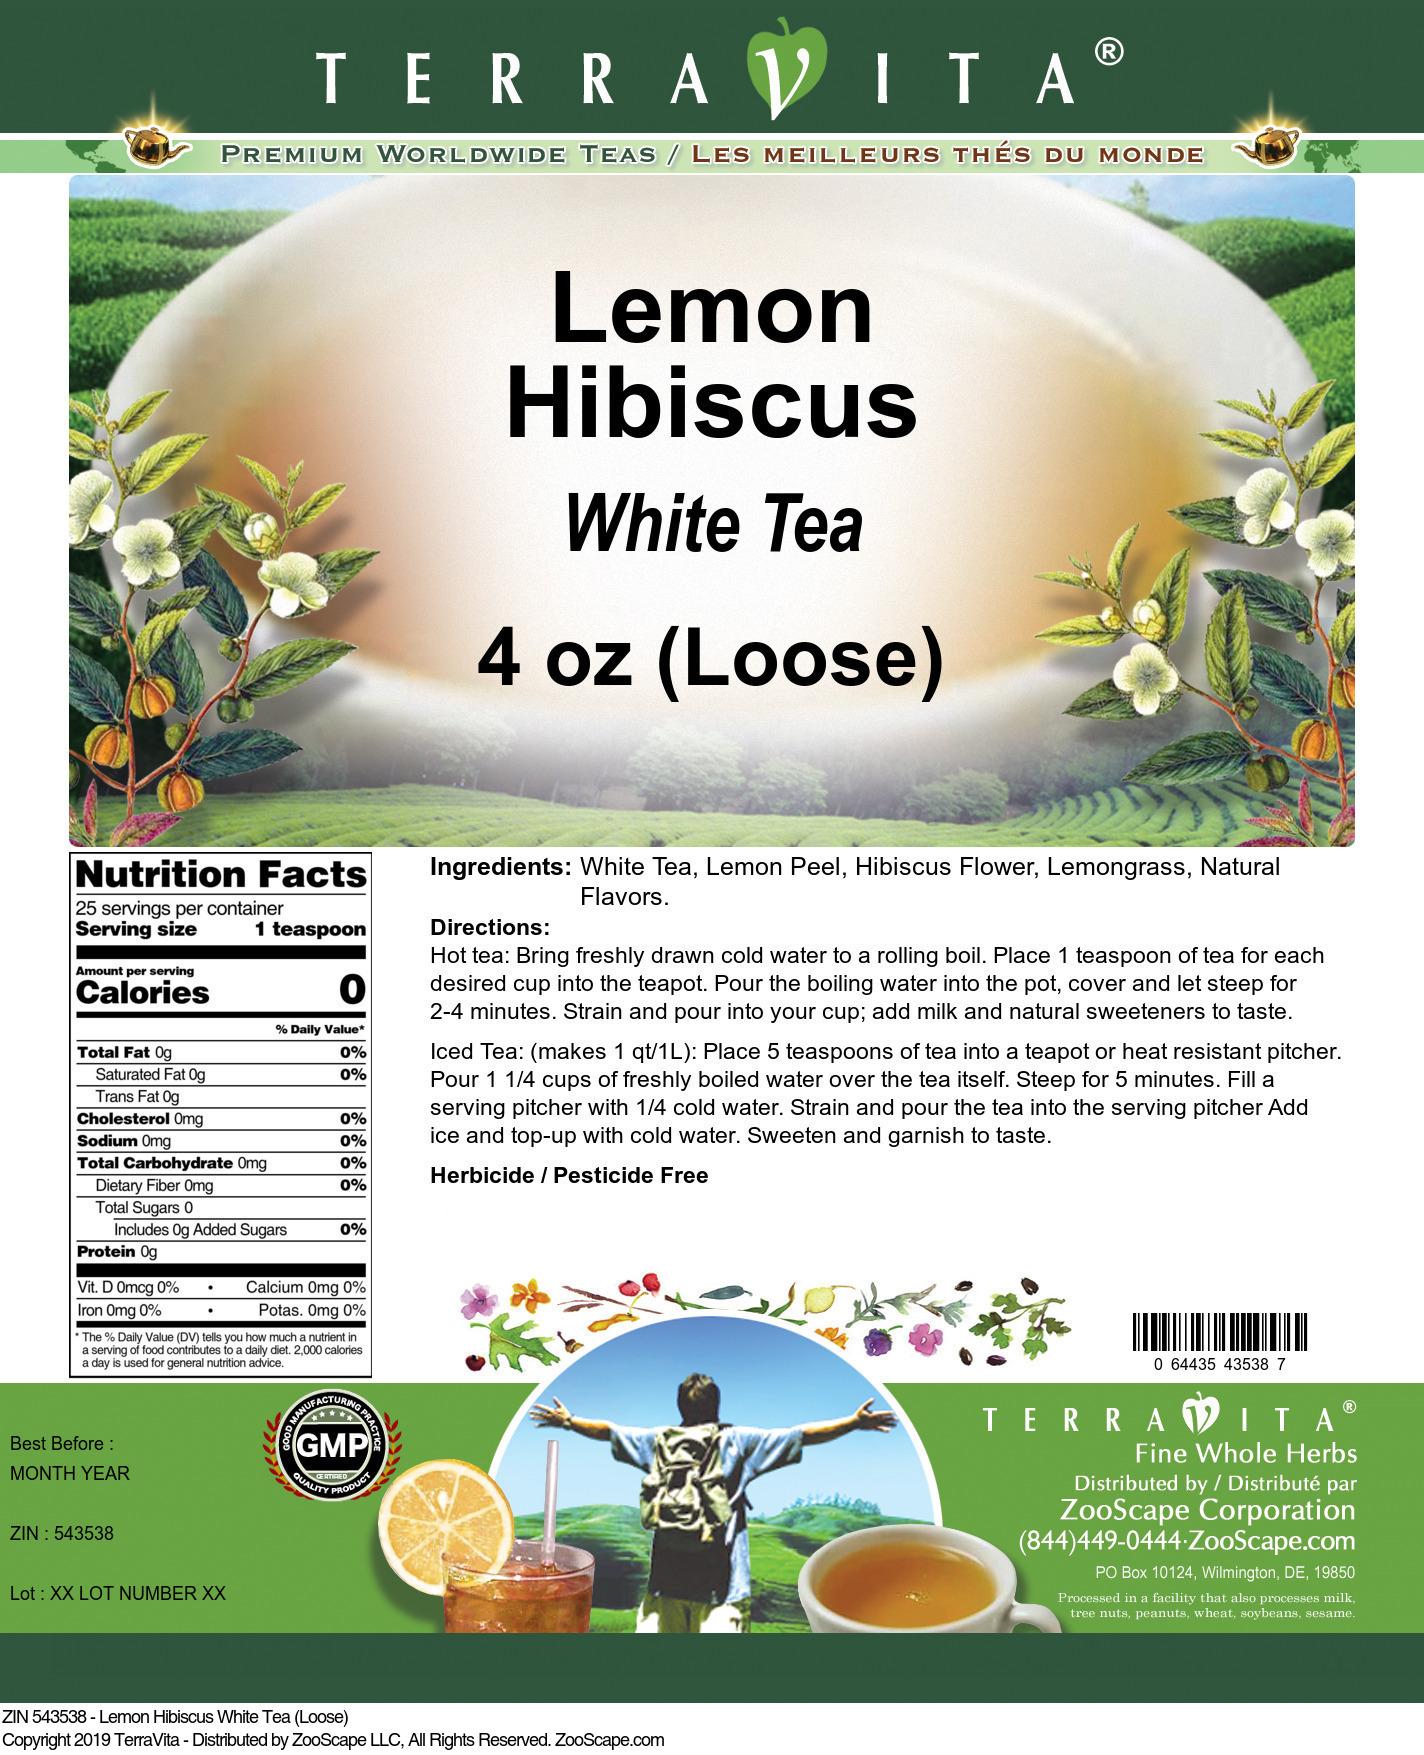 Lemon Hibiscus White Tea (Loose)